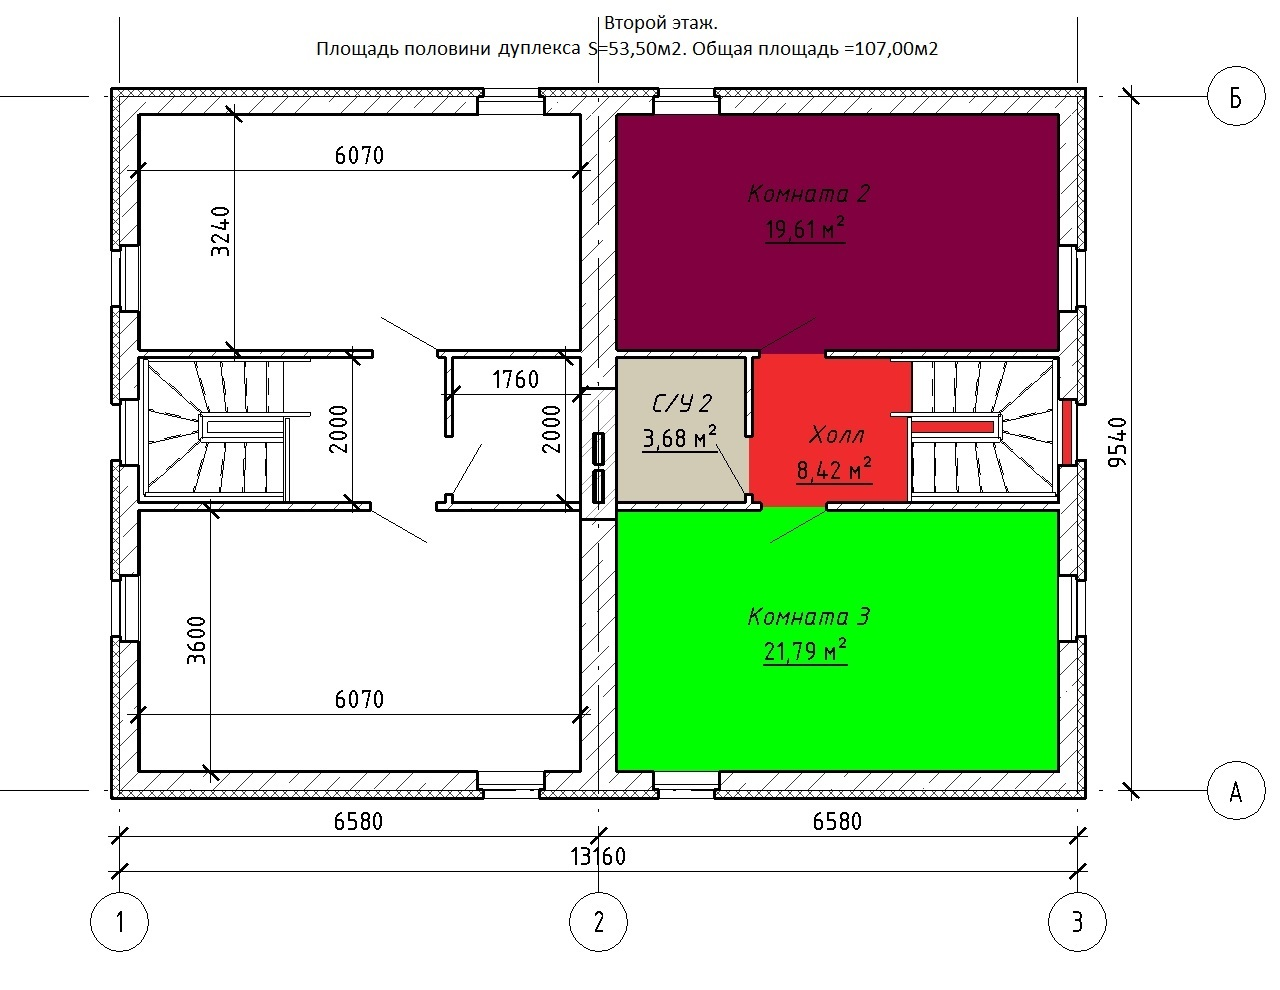 Нажмите на изображение для увеличения Название: Новые ТХ - План этажа - Этаж 2.jpg Просмотров: 71 Размер:211.2 Кб ID:540397